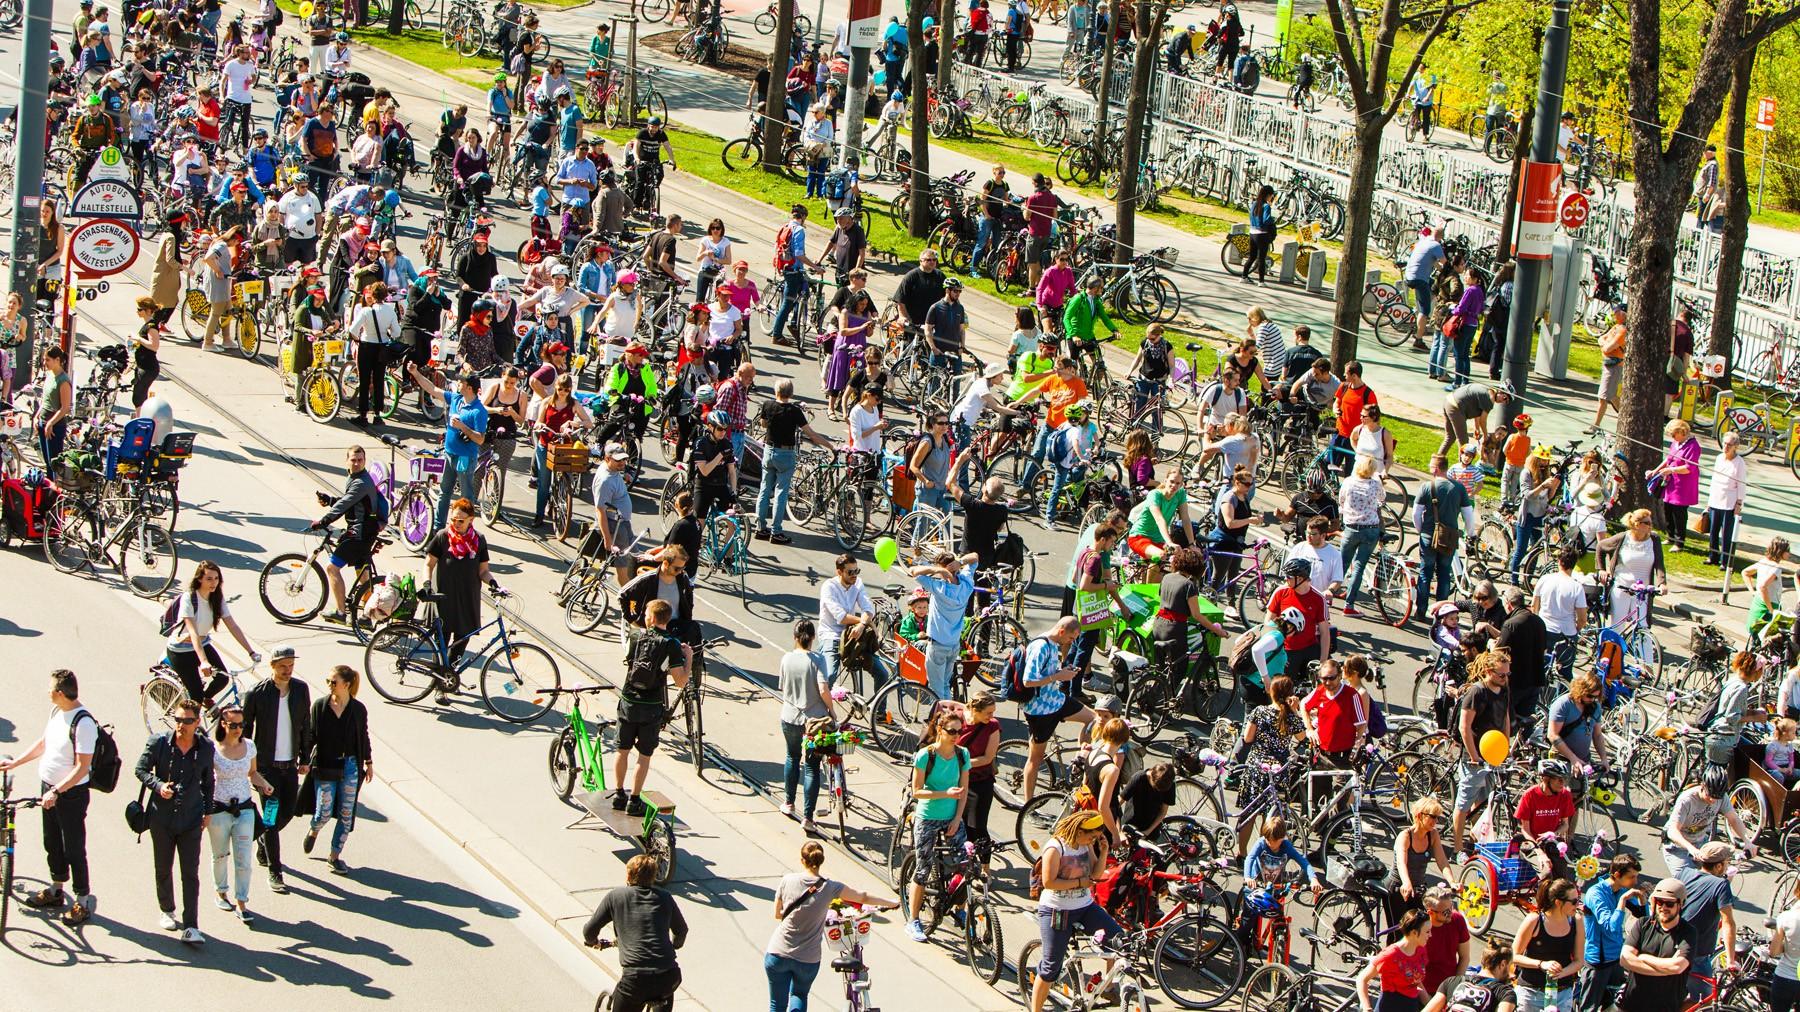 Martin Handford hätte seine Freude - dabei ist dieses Wimmelbild erst der Anfang, nämlich das Sammeln, zum sonntäglichen Programm-Highlight, der Radparade um den teils gesperrten Ring mit Abstecher zum Praterstern. Insgesamt fuhren über 10.000 TeilnehmerInnen mit.